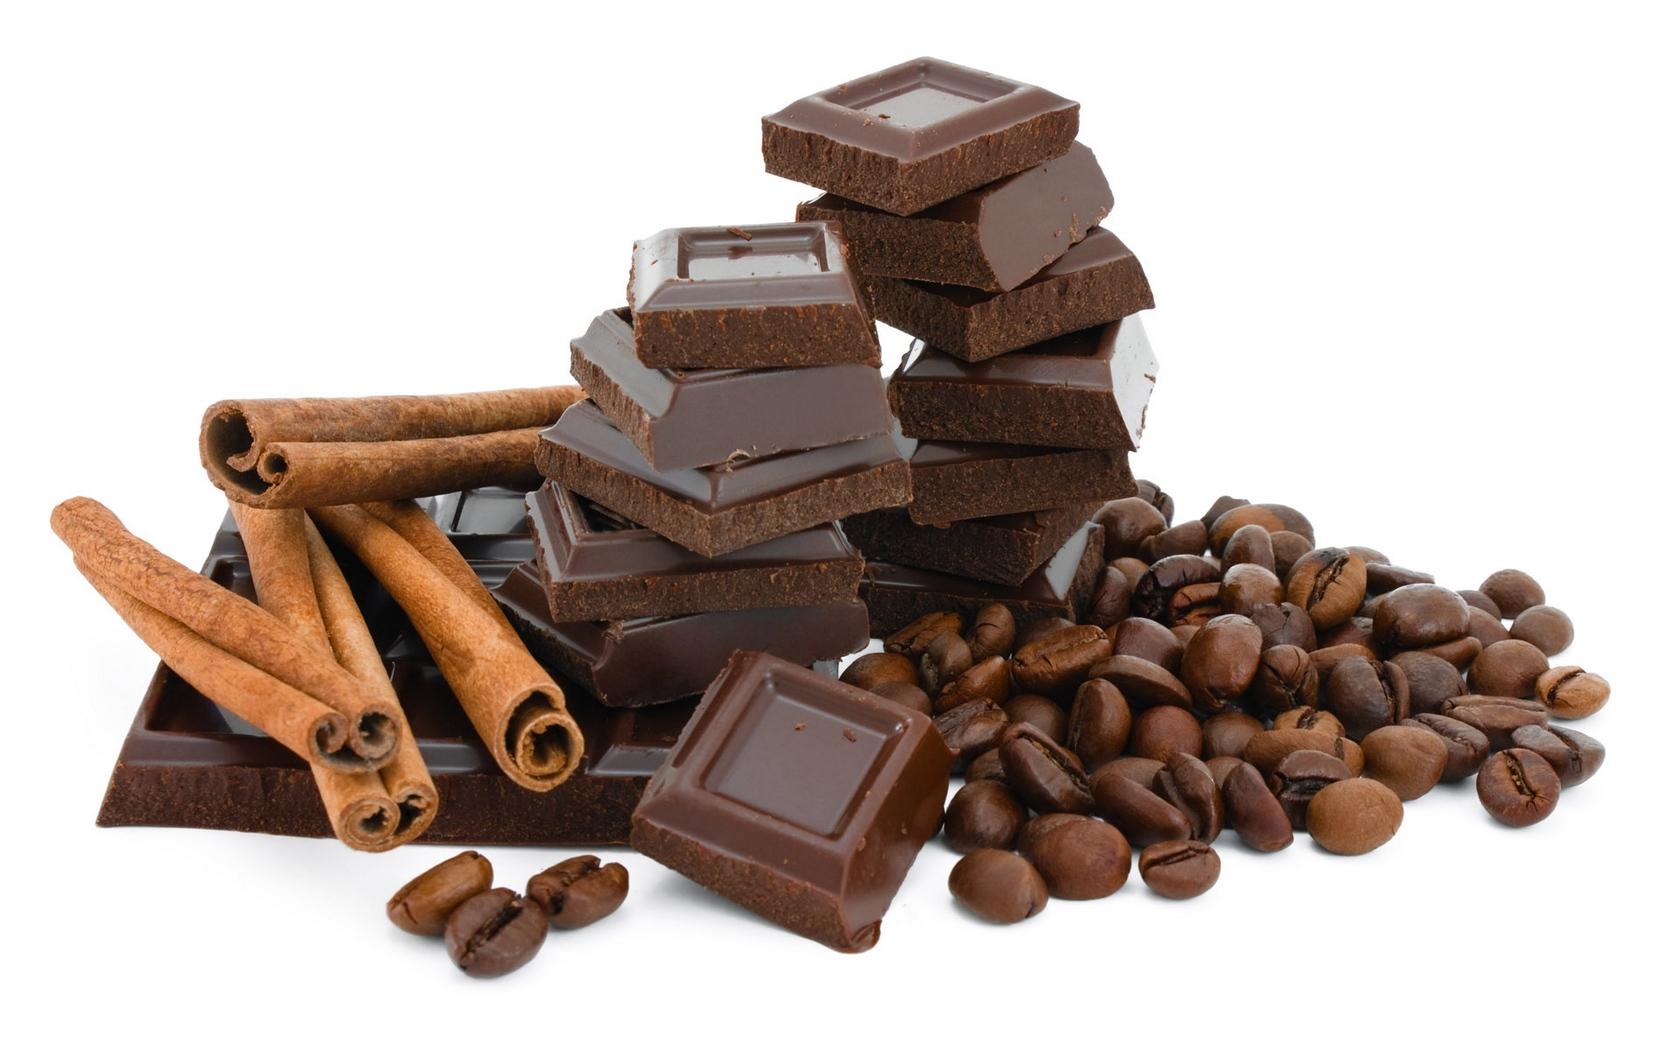 Картинка горький шоколад на прозрачном фоне